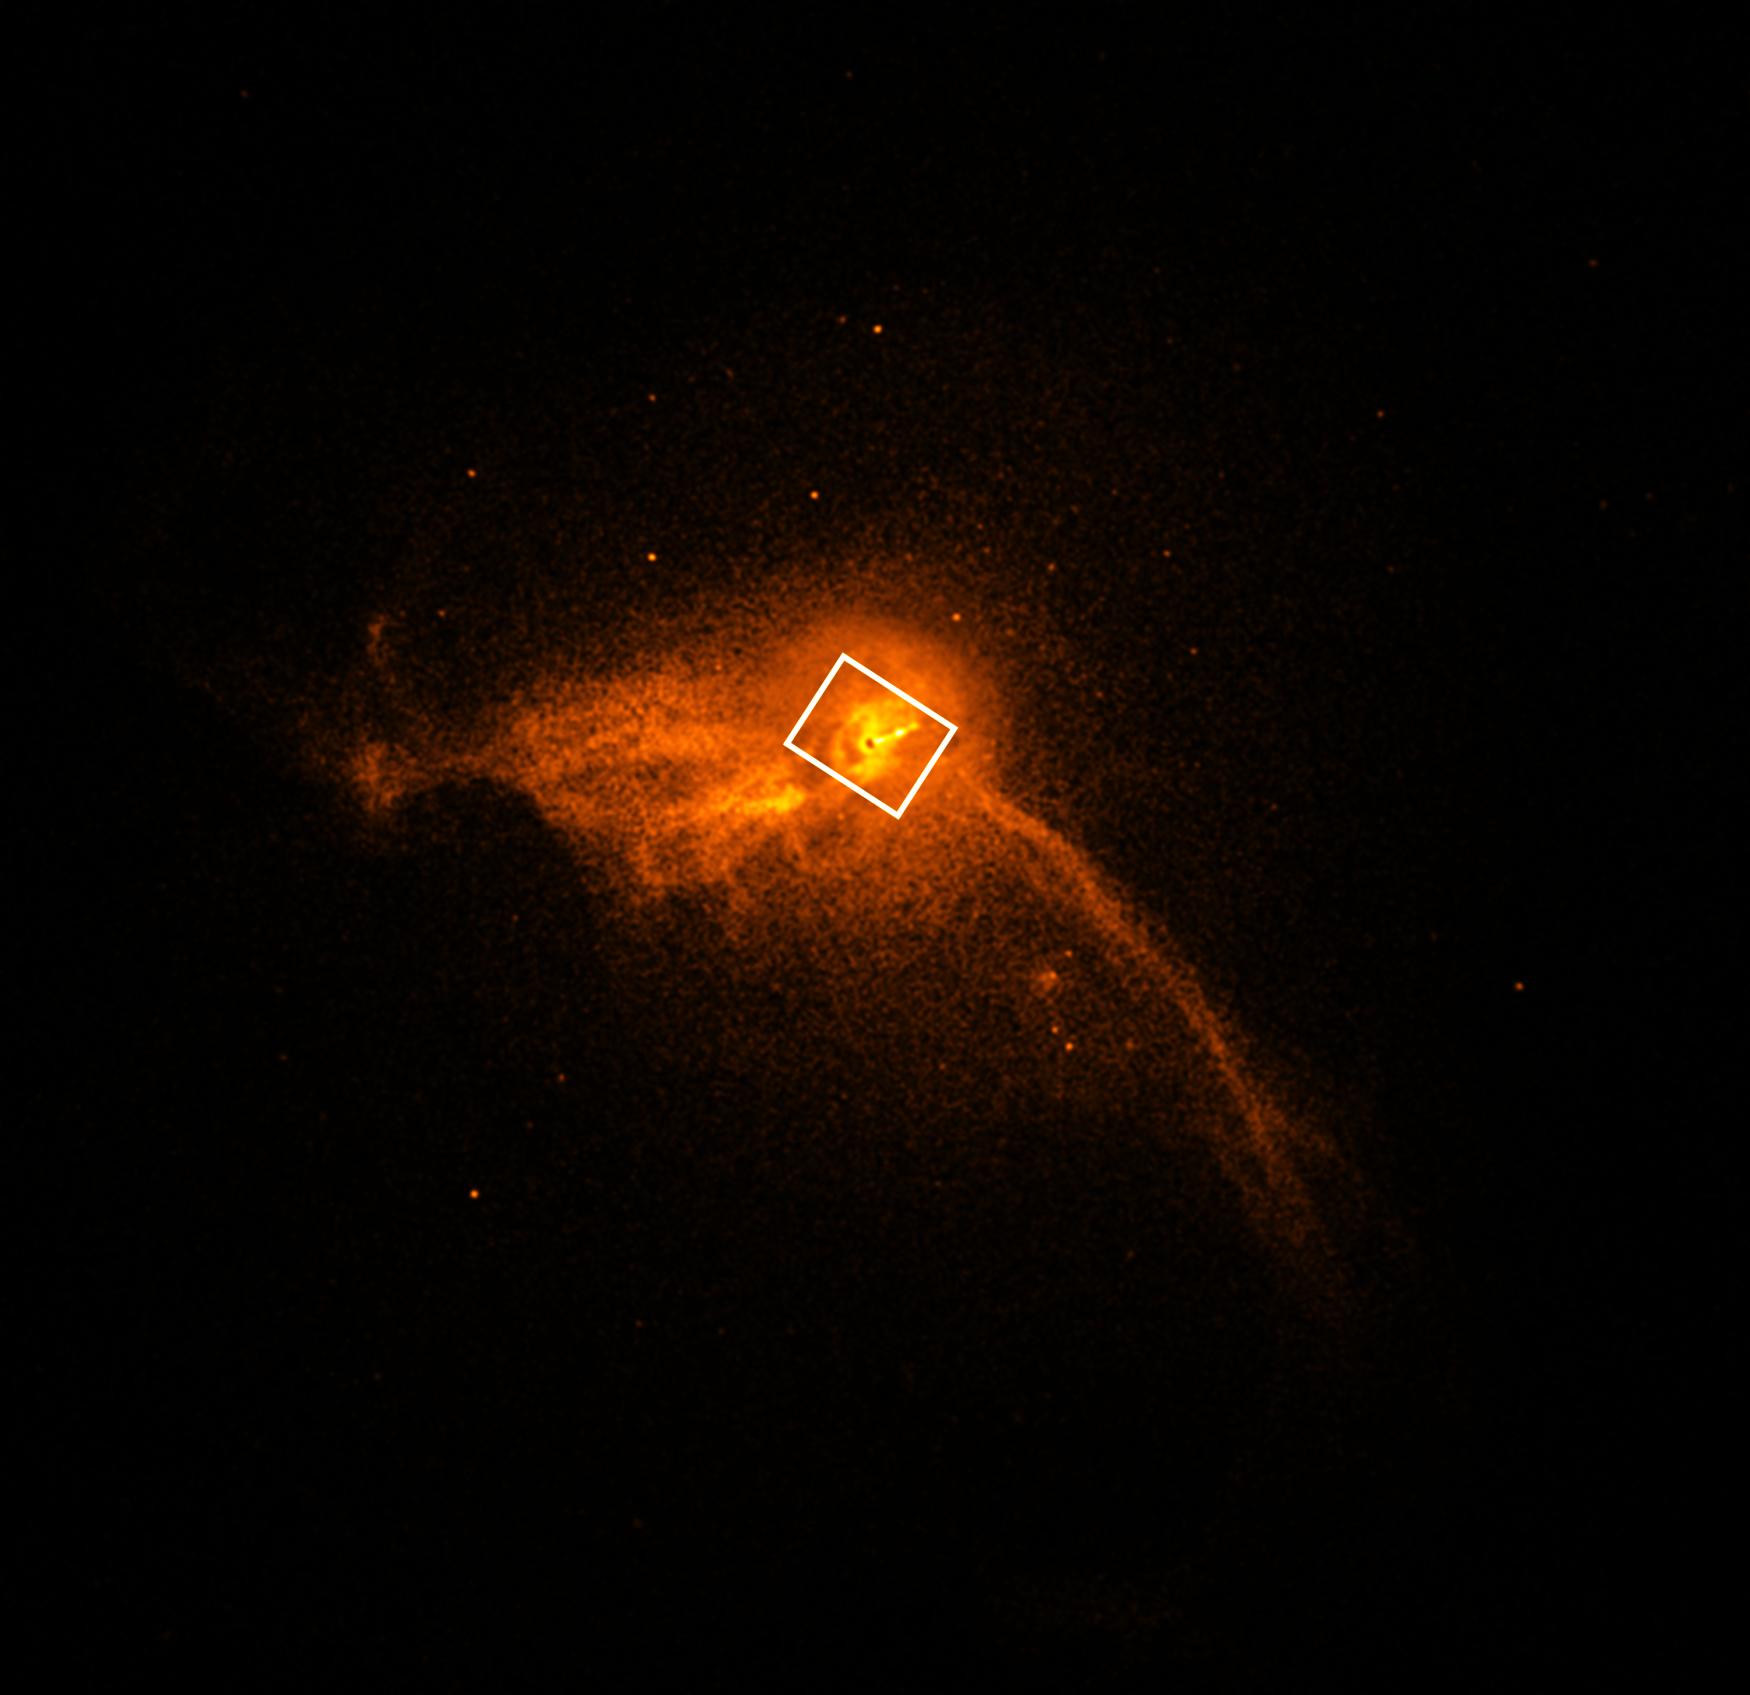 Černá díra, dosud známá spíše z ilustrací, je objekt, který kolem sebe křiví čas a prostor takovým způsobem, že z něj nemůže uniknout ani světlo